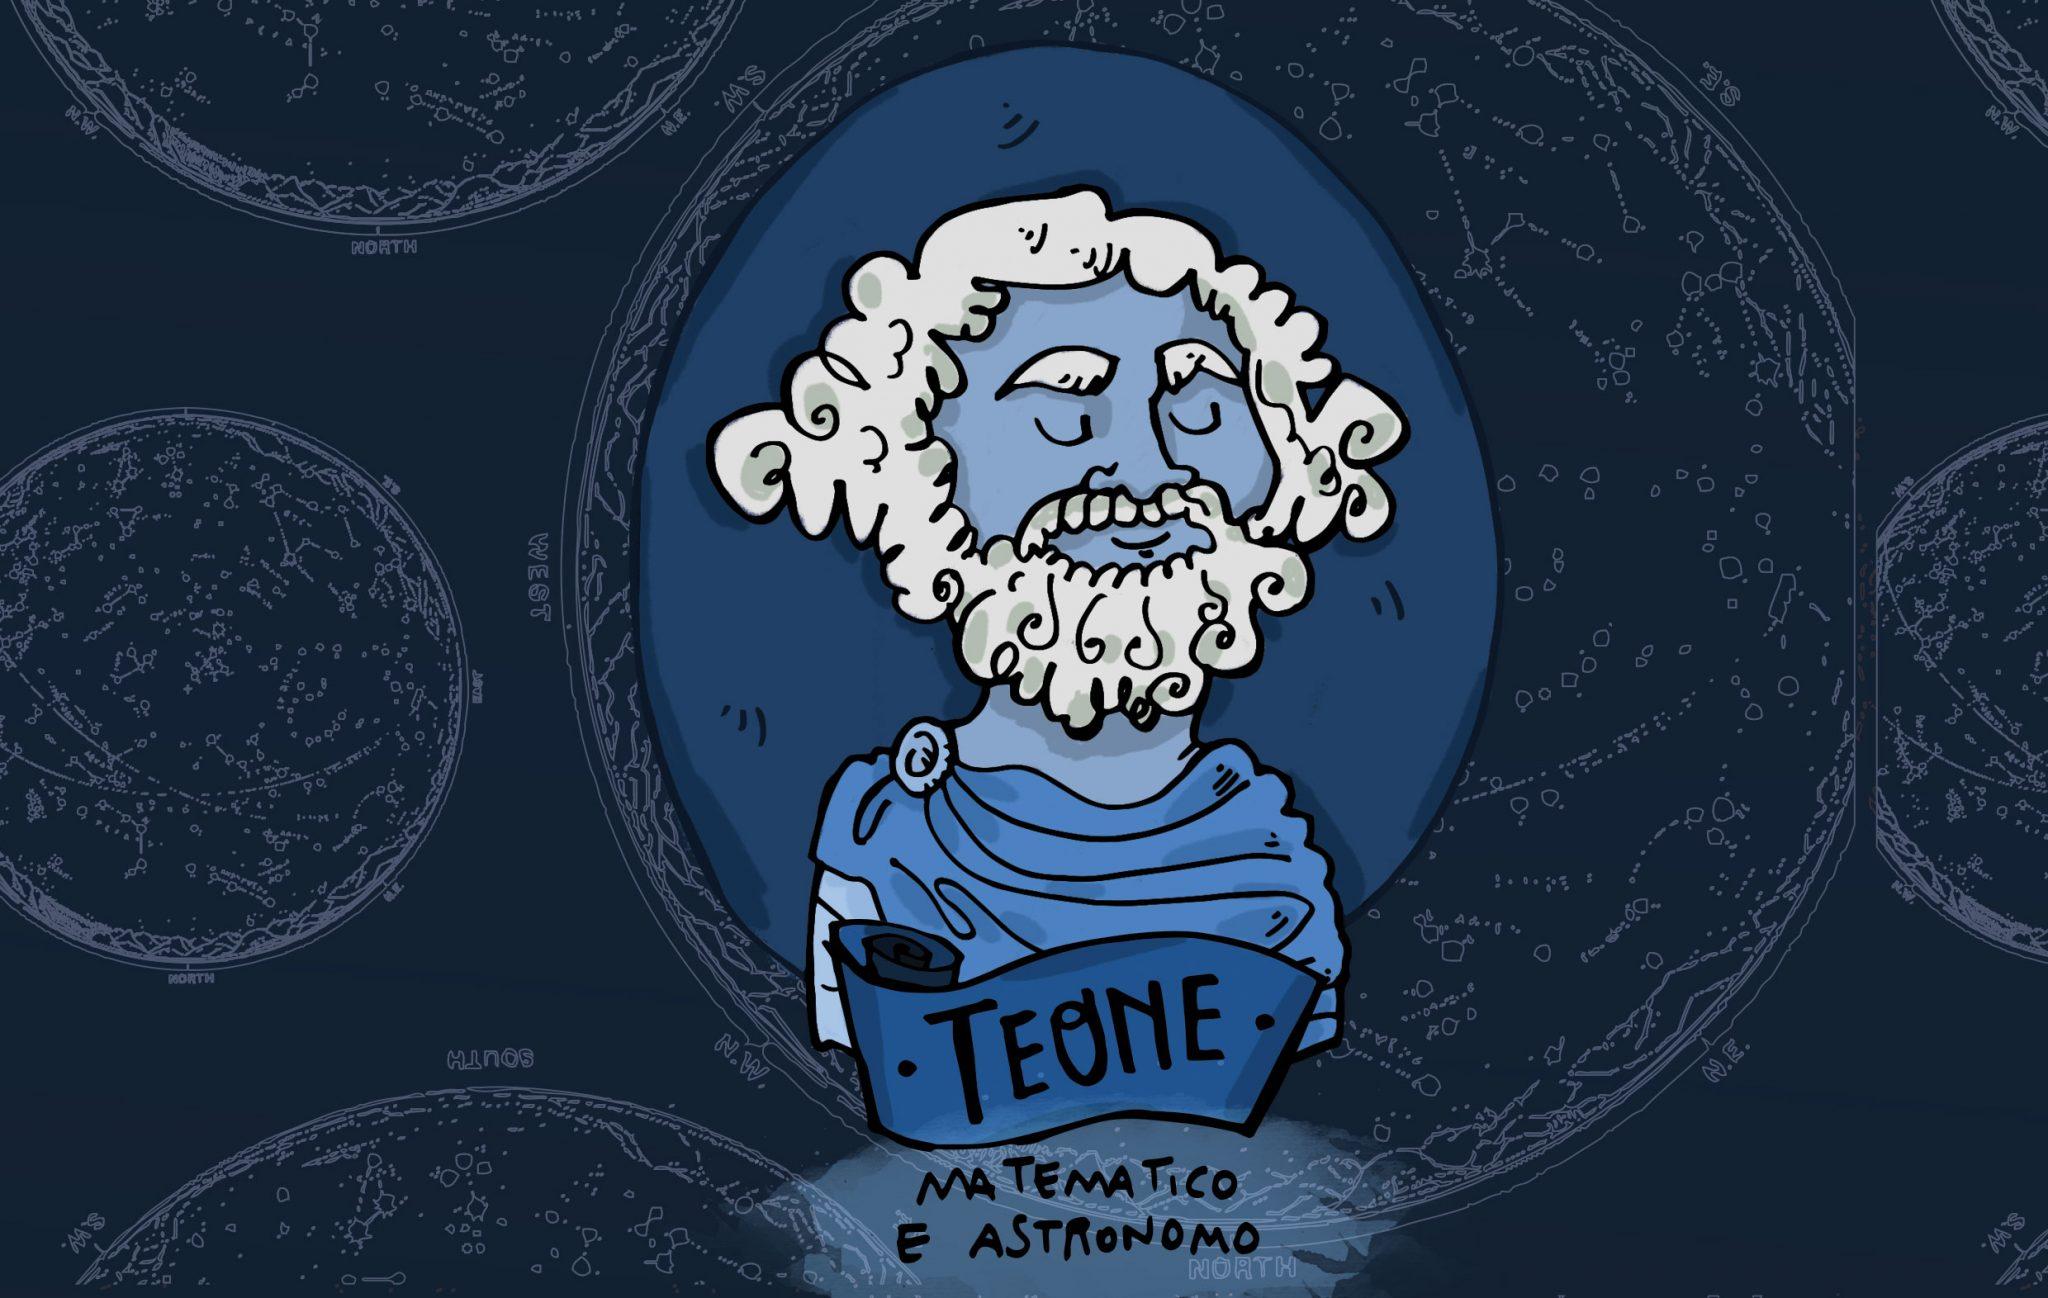 Teone-Ipazia-Donne-nella-scienza